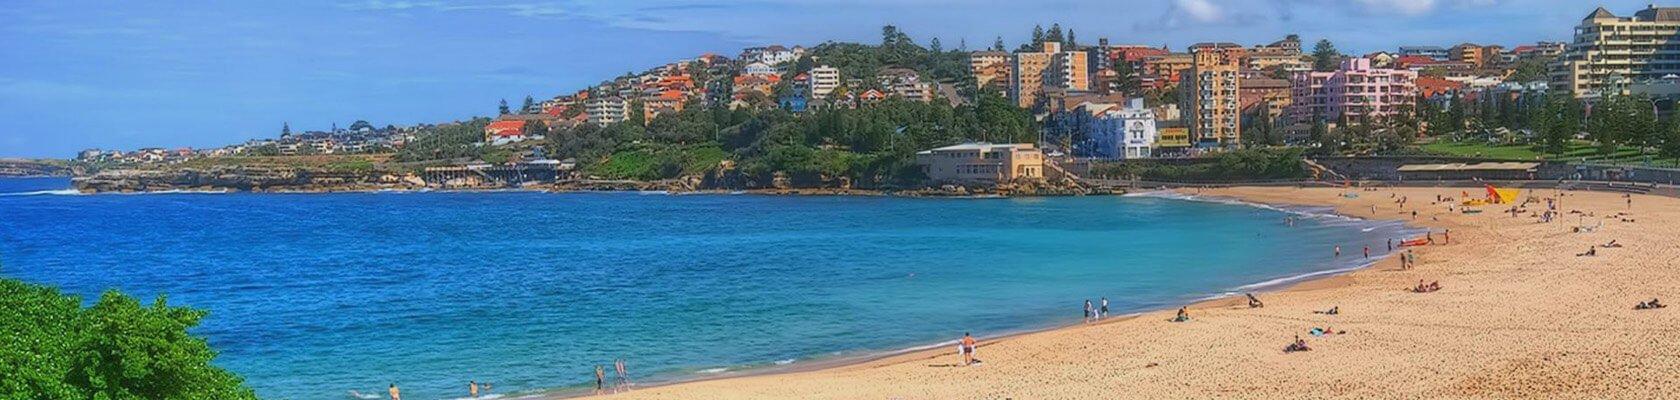 Sydney sand beach